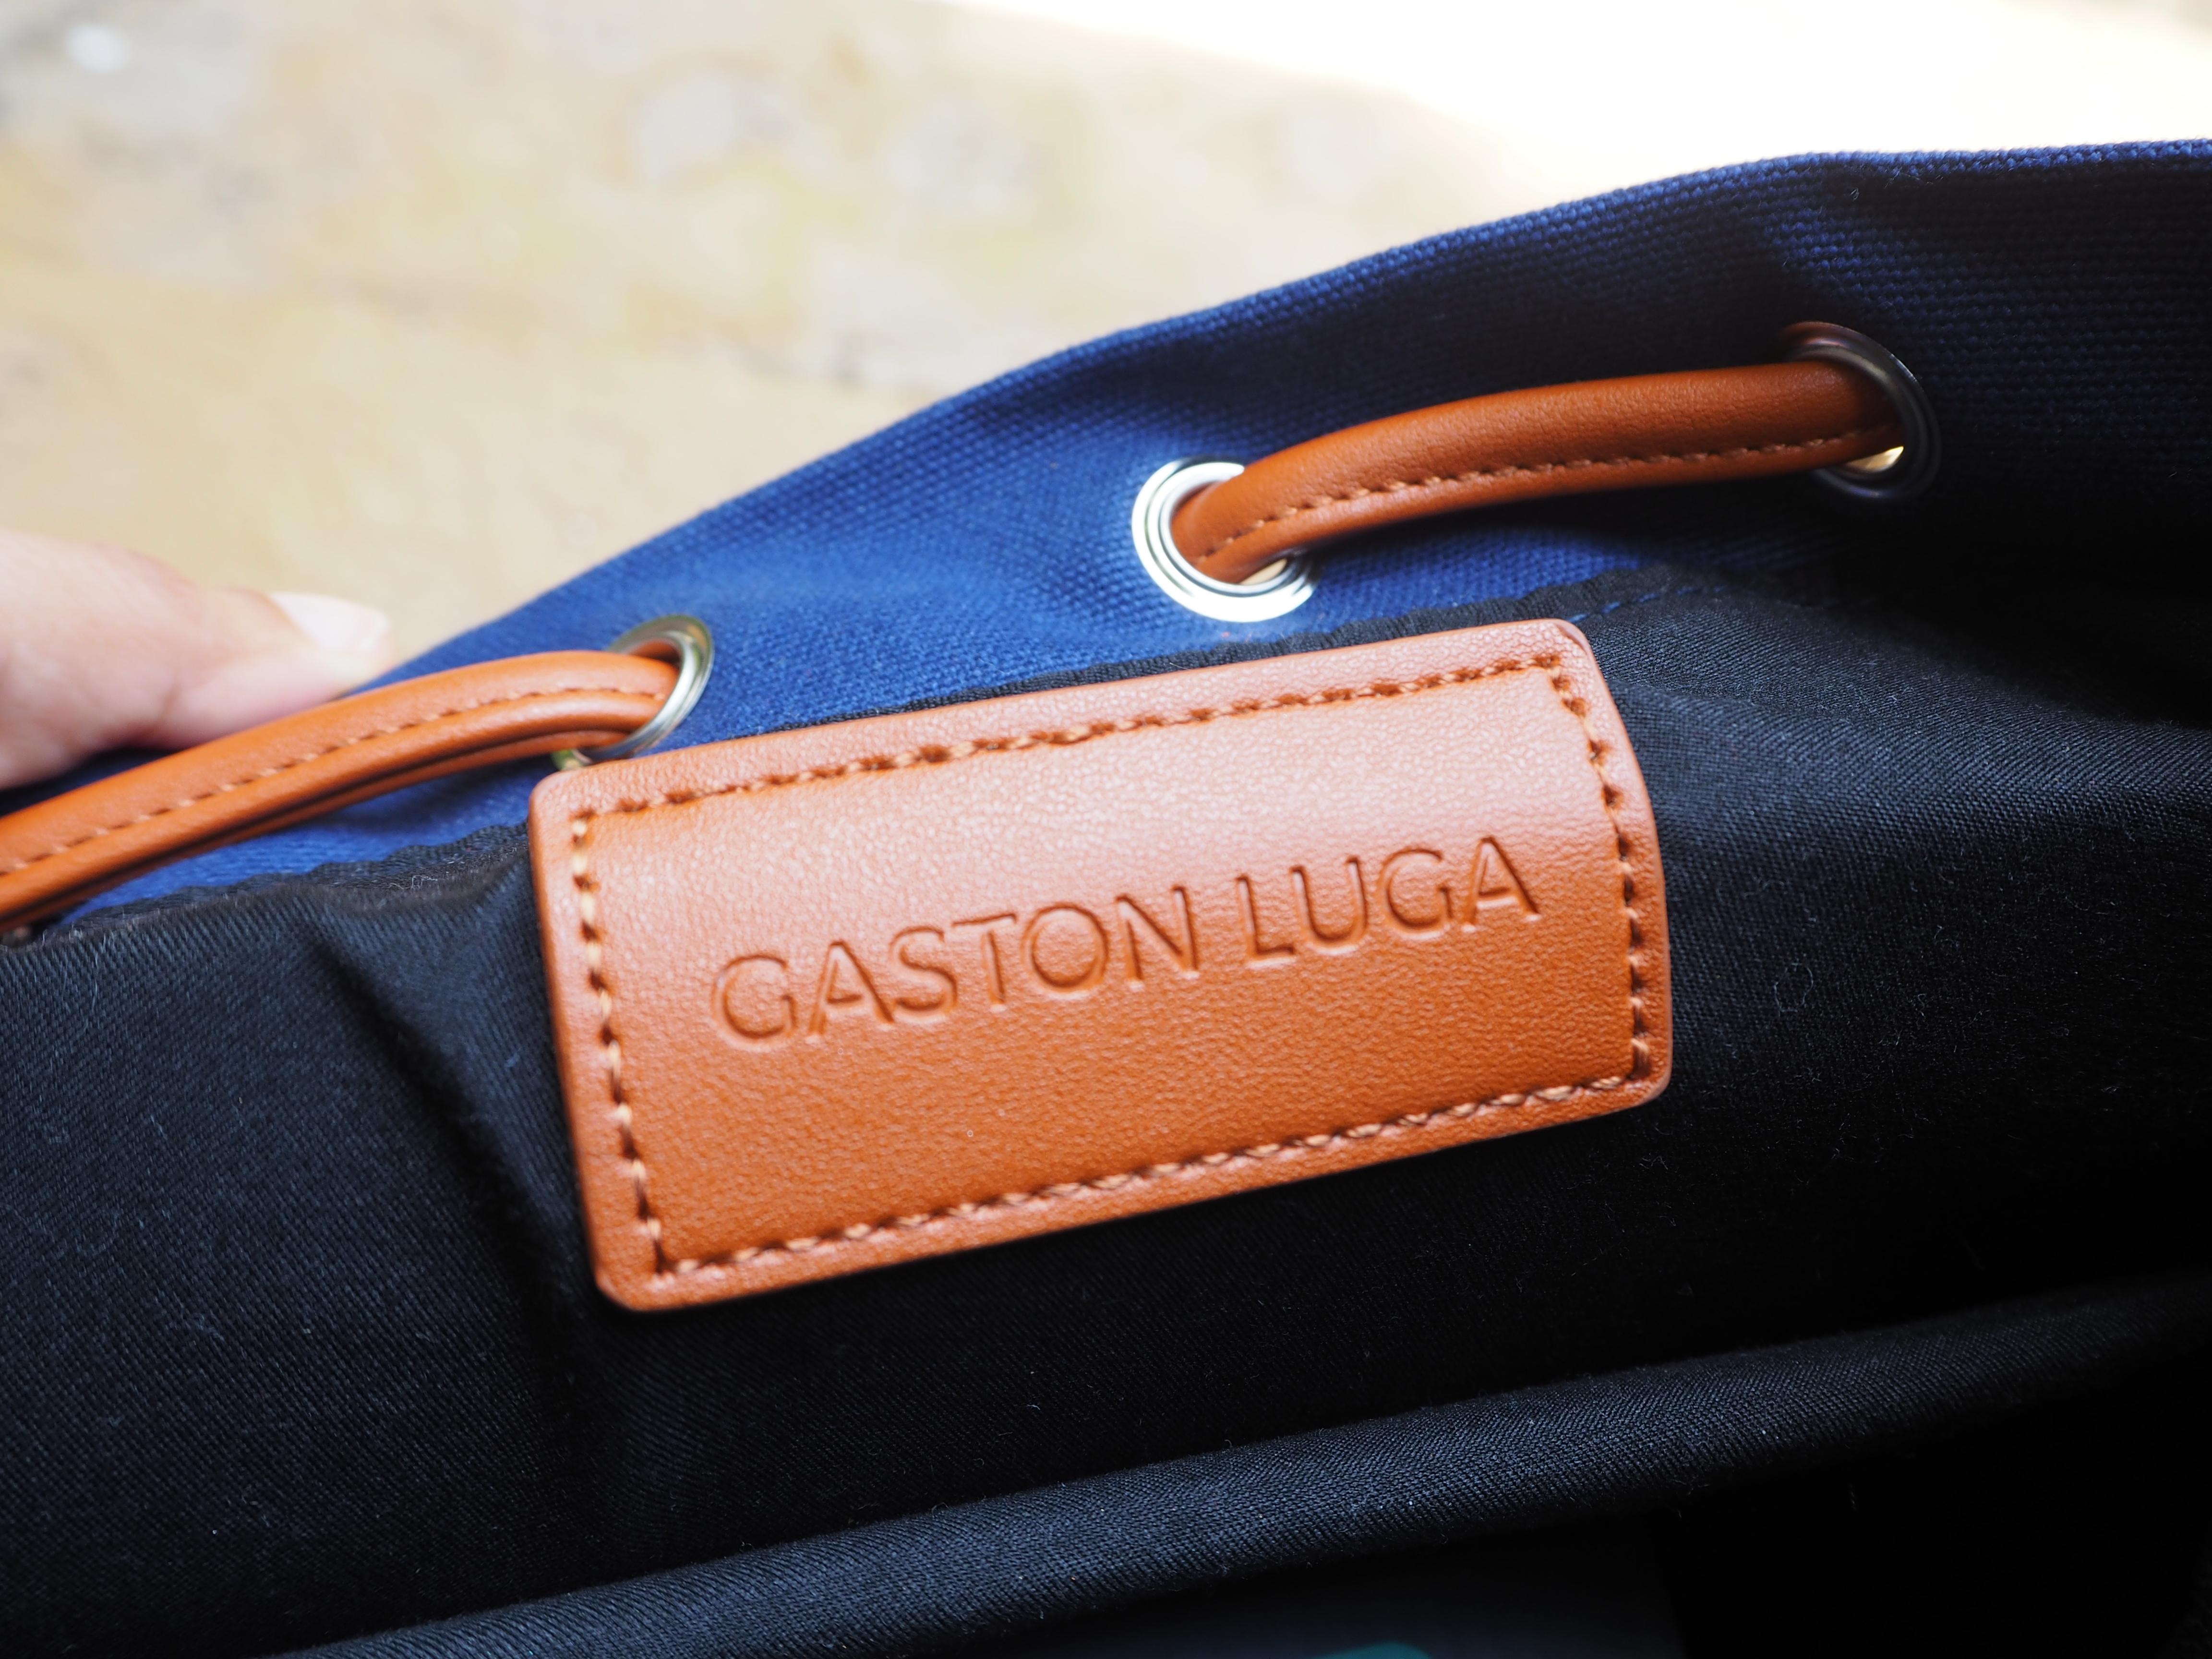 Gastonluga